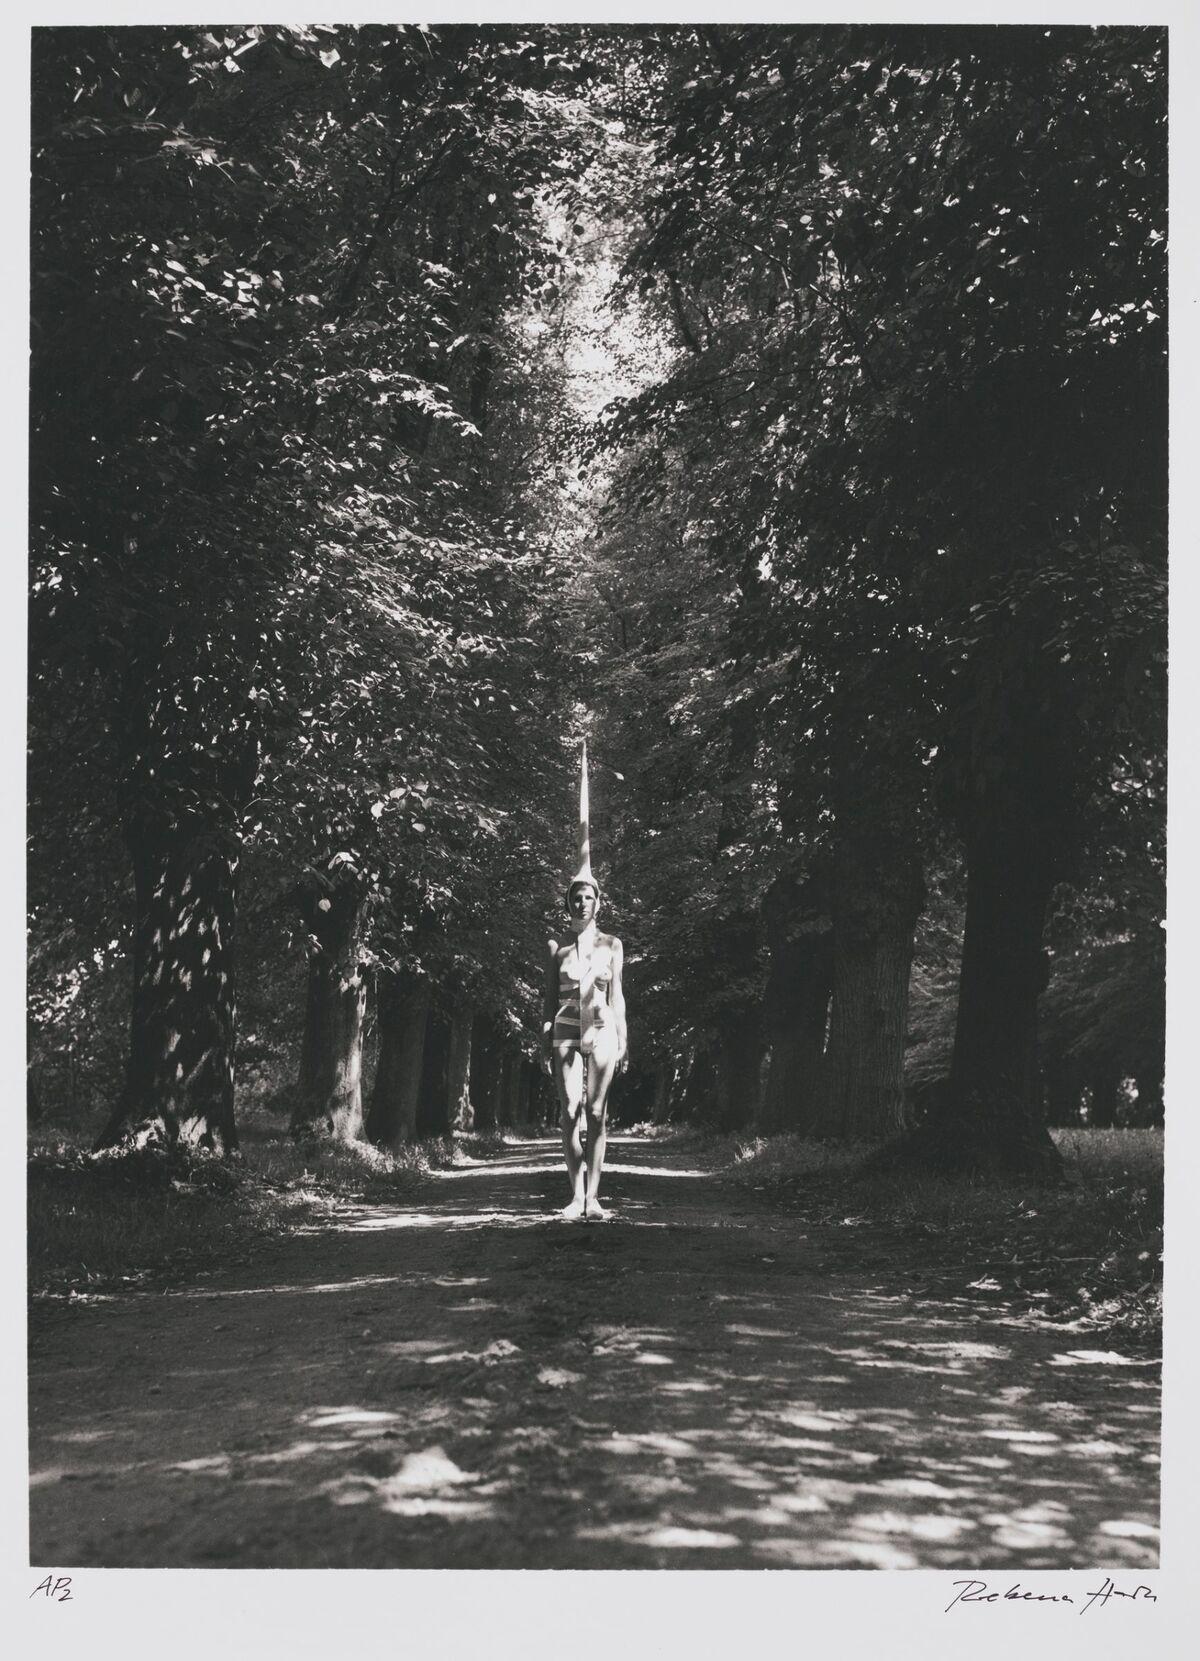 Rebecca Horn, Unicorn, 1970-2. © Rebecca Horn / Artists Rights Society (ARS), NY / VG Bild-Kunst, Bonn. Courtesy of Harvard Art Museums/Busch-Reisinger Museum, gift of the artist.